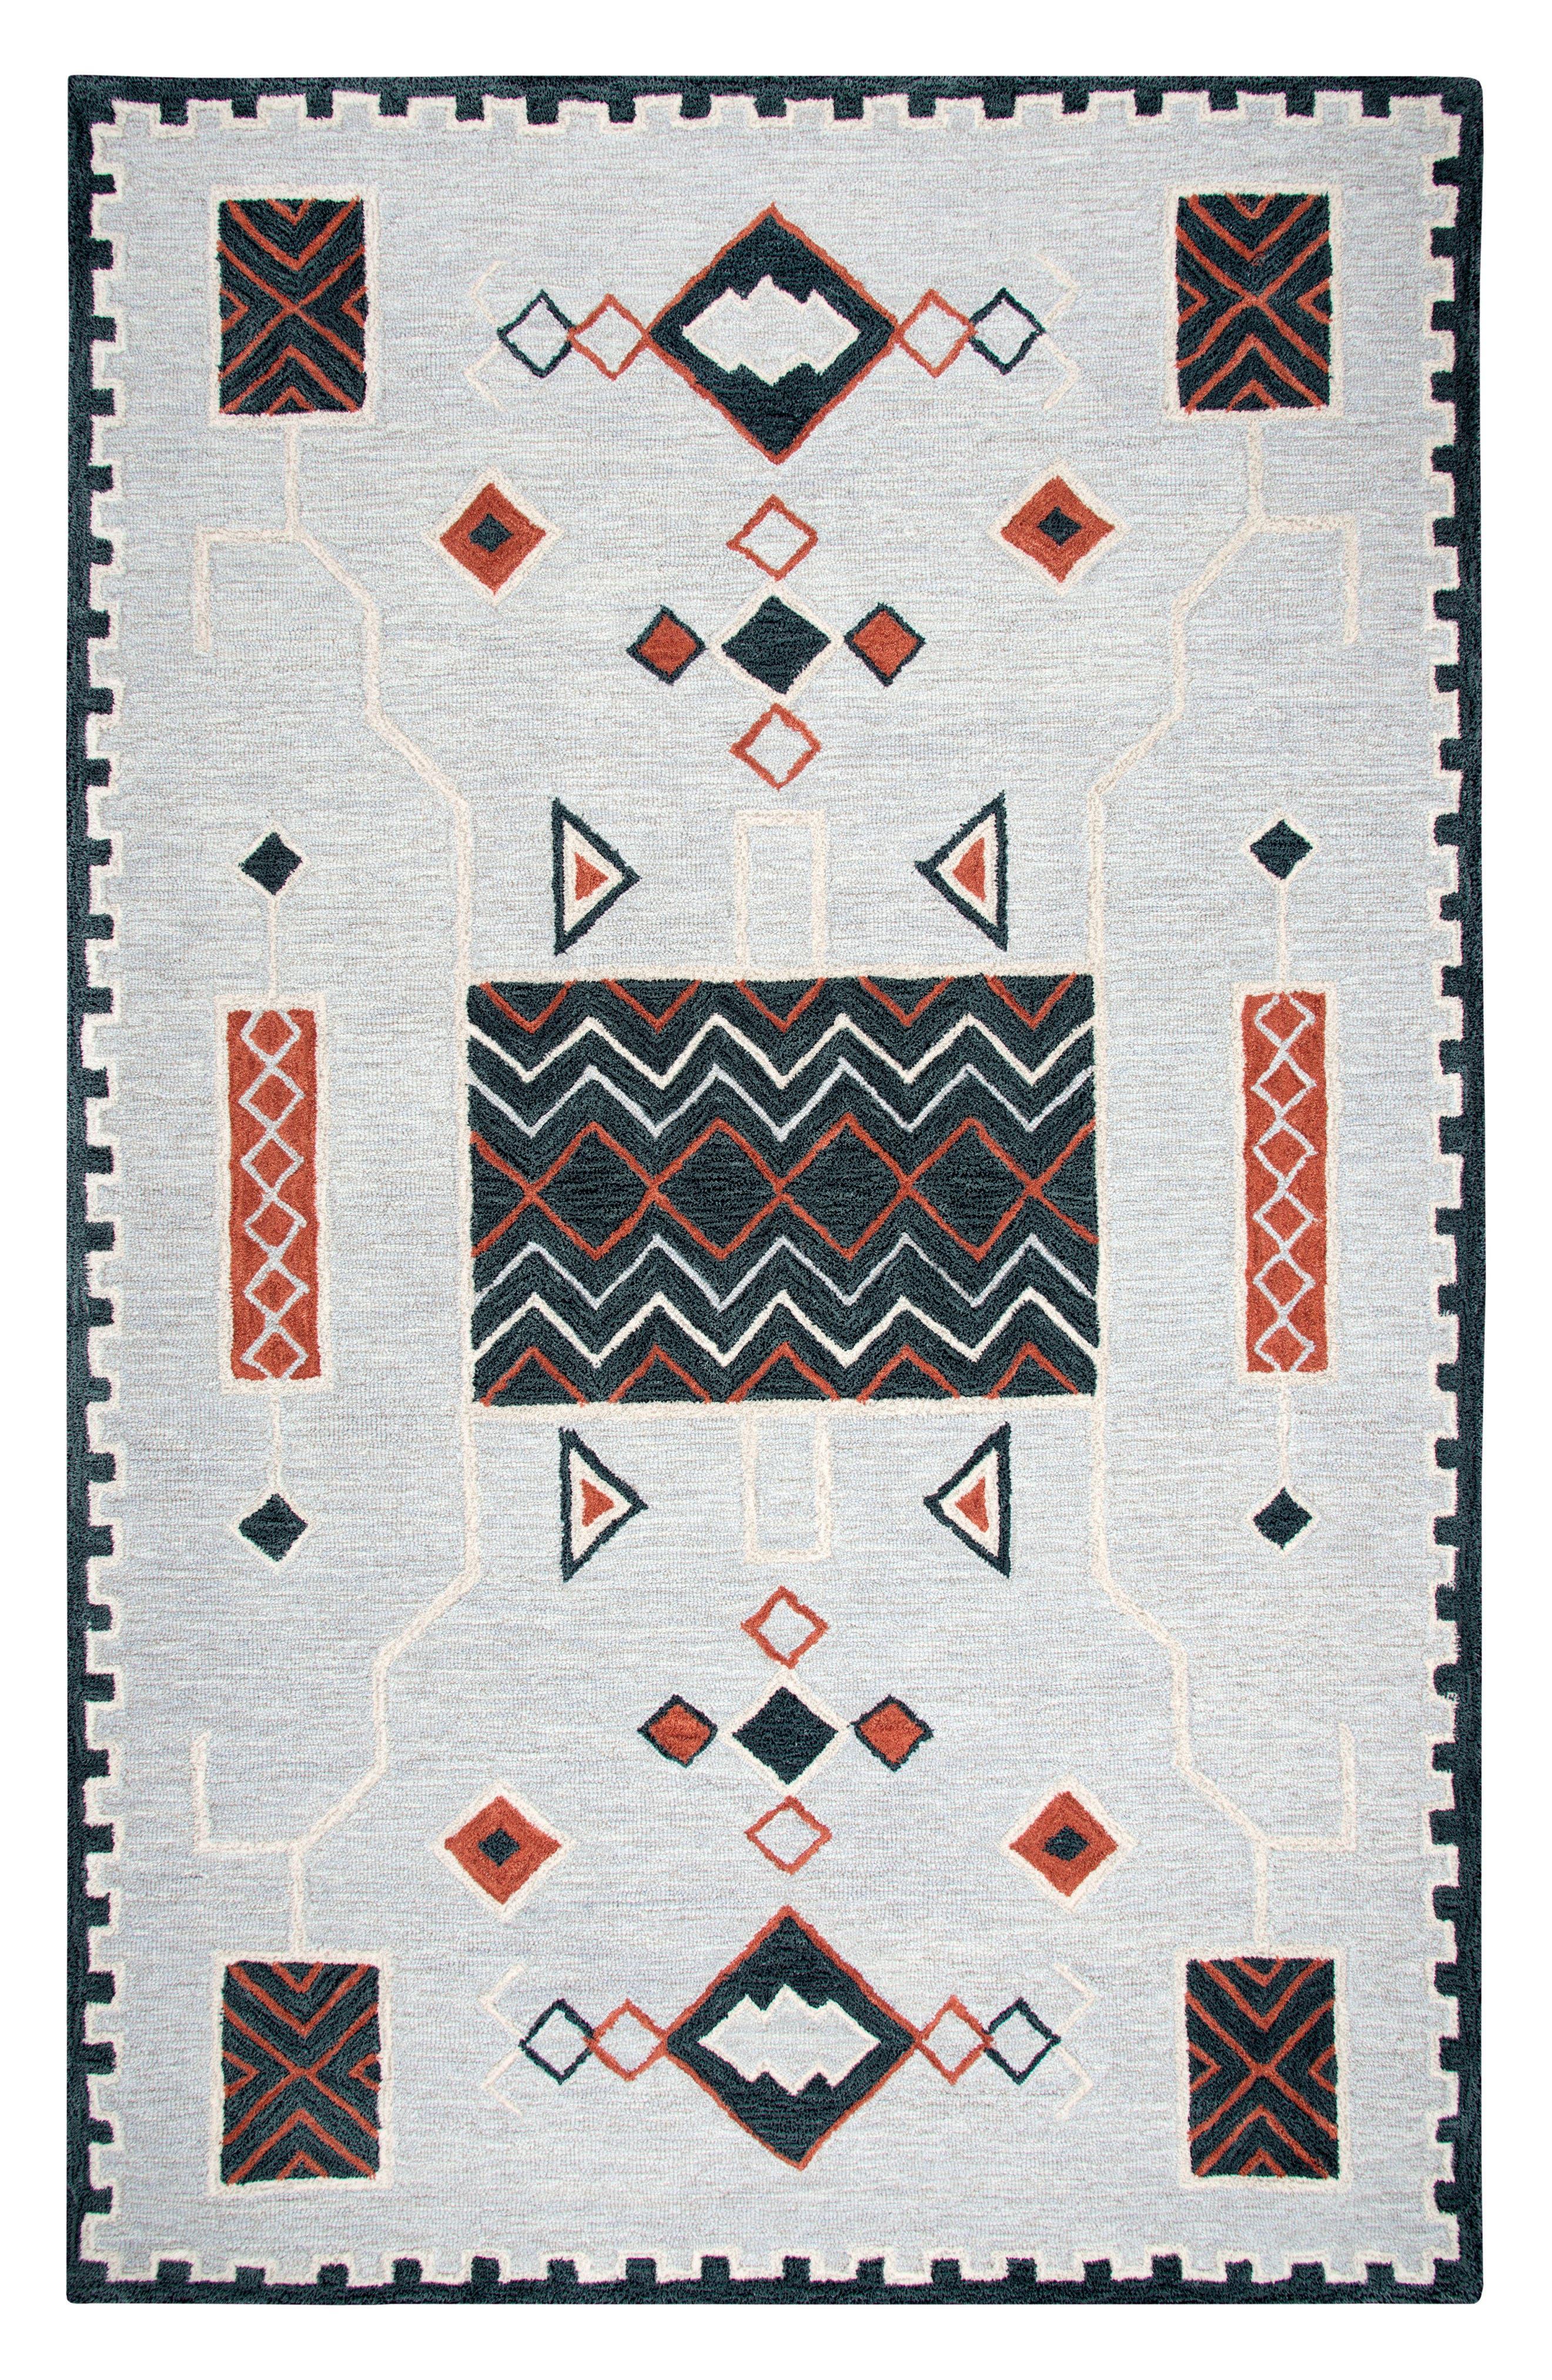 Mesa Oak Creek Rug,                             Main thumbnail 1, color,                             250